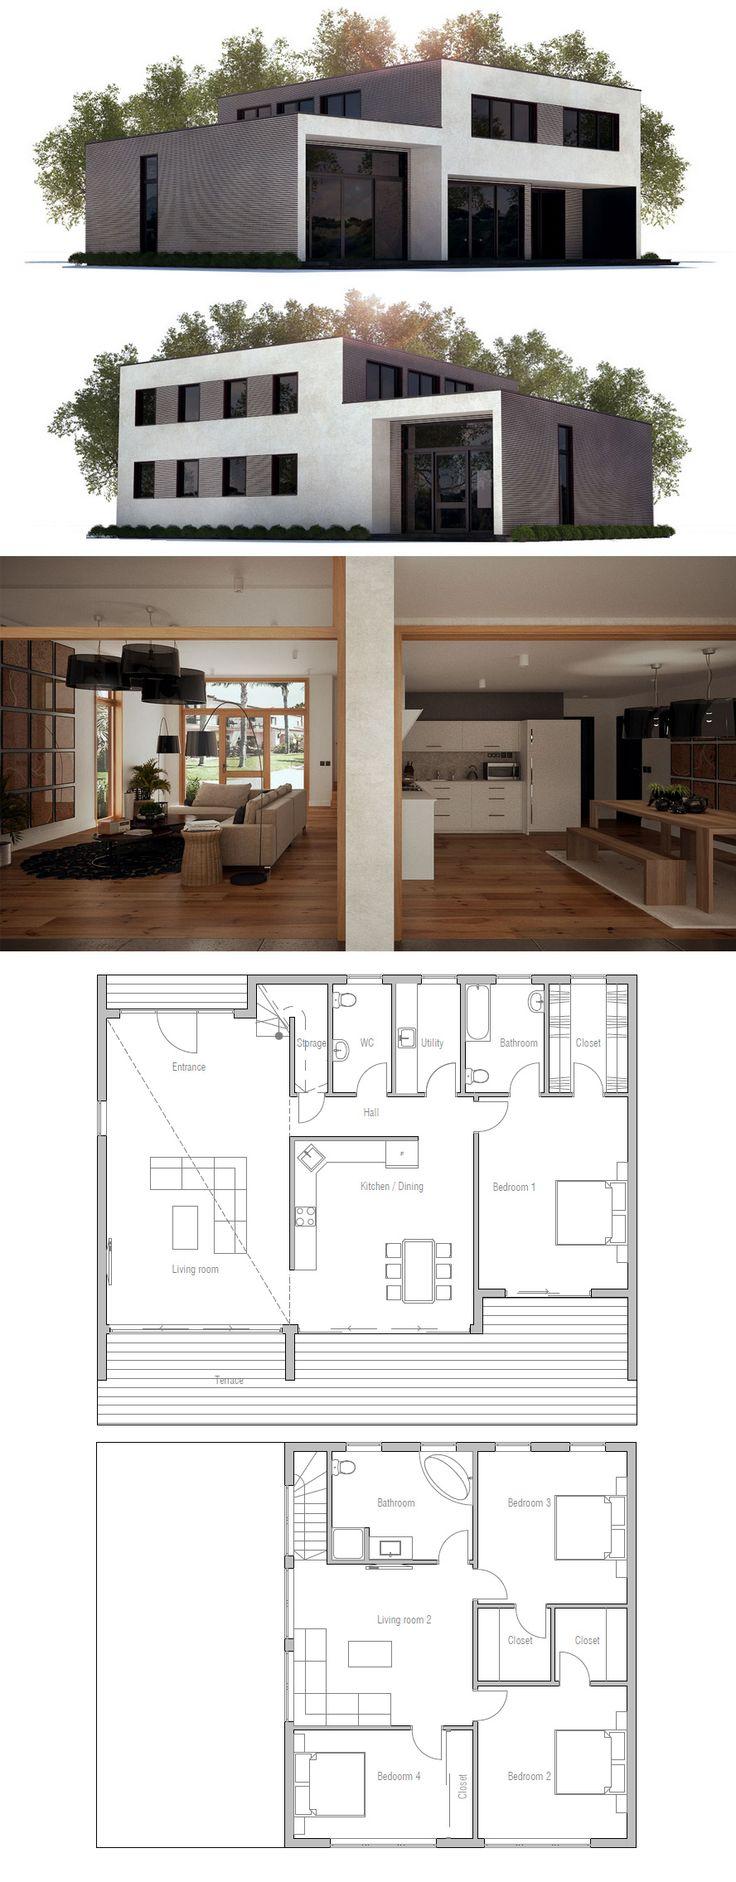 Perfecta! planta baja: salón separado de cocina, 1 dormitorio, con vestidor y baño, utility y otro baño invitados. Planta segunda:3 dormitorios, 1 baño y terraza